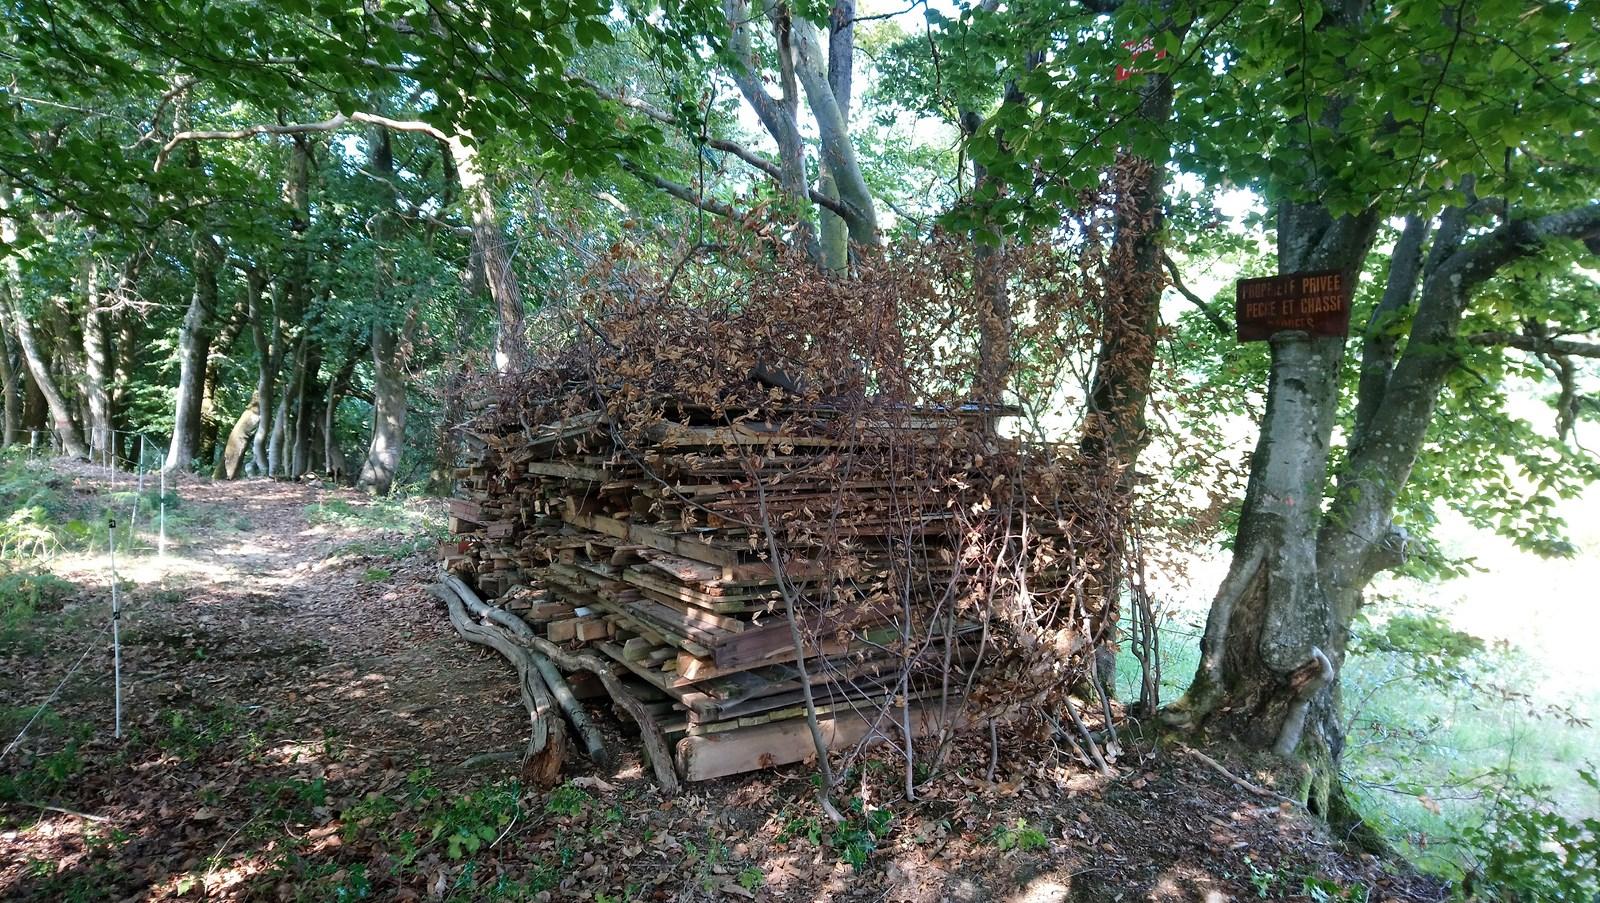 Les tas de bois deviennent des abris pour la petite faune